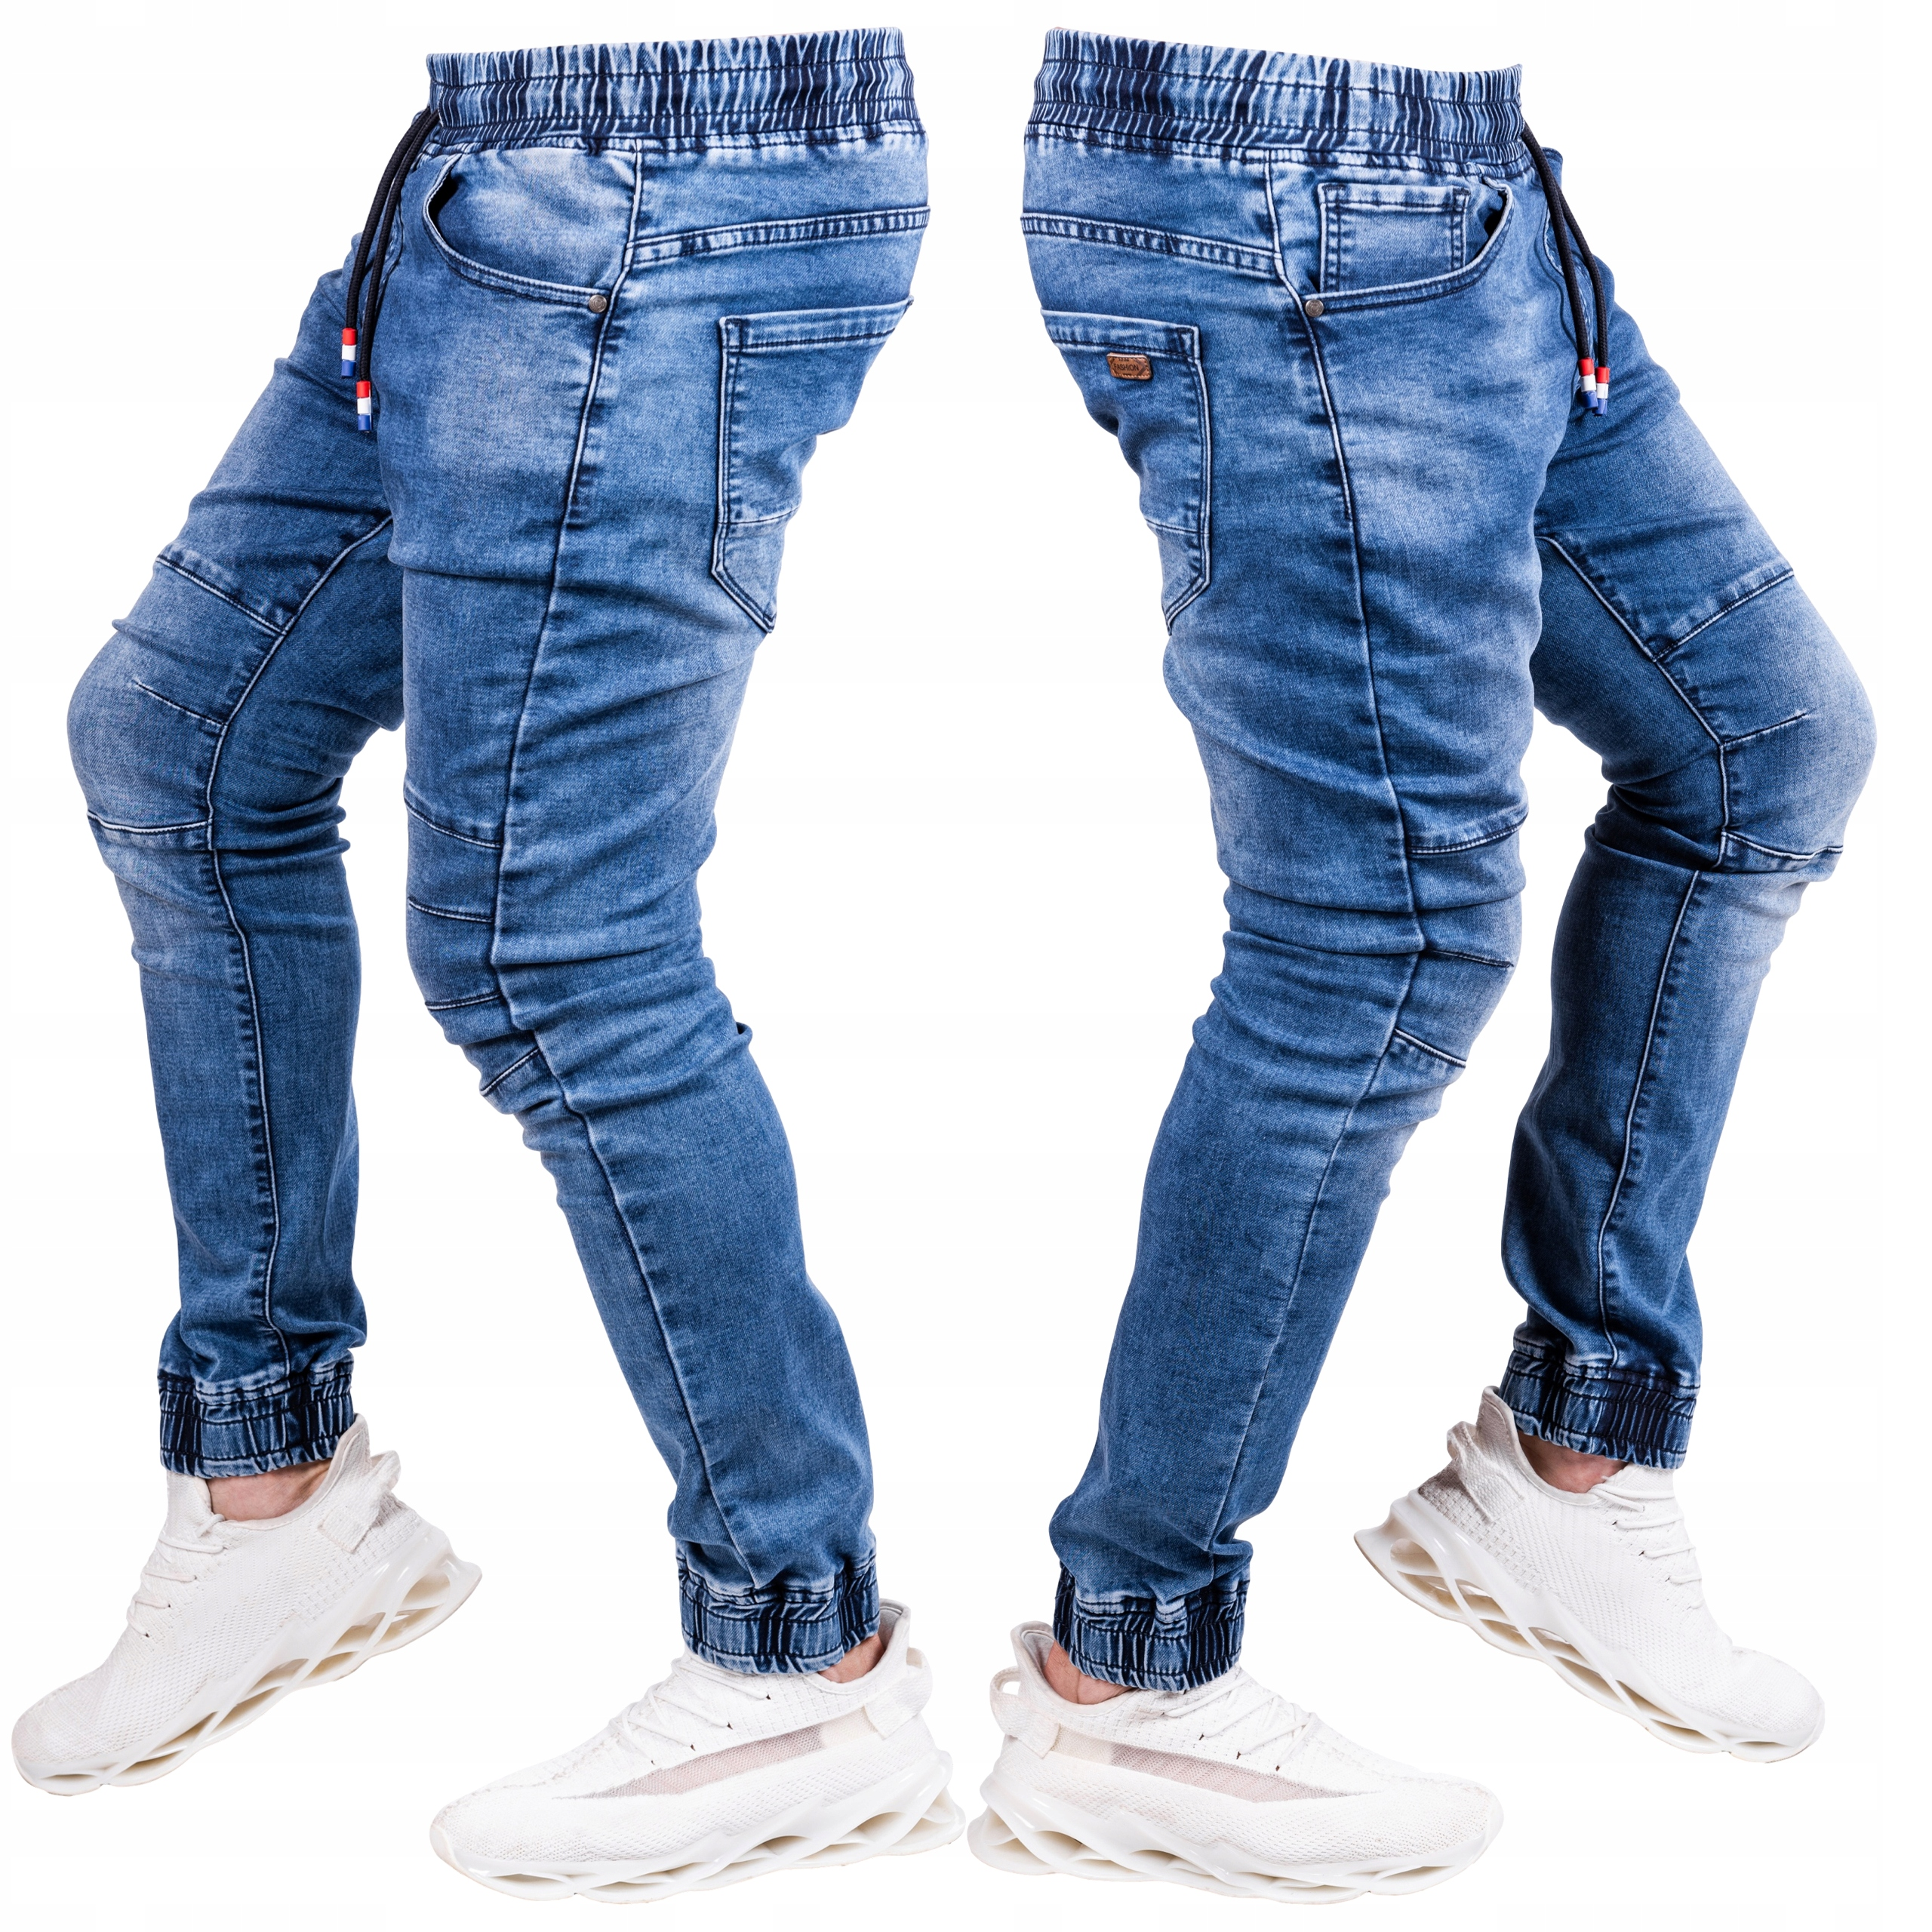 R.34 spodnie męskie JEANS joggery przeszycia Rose